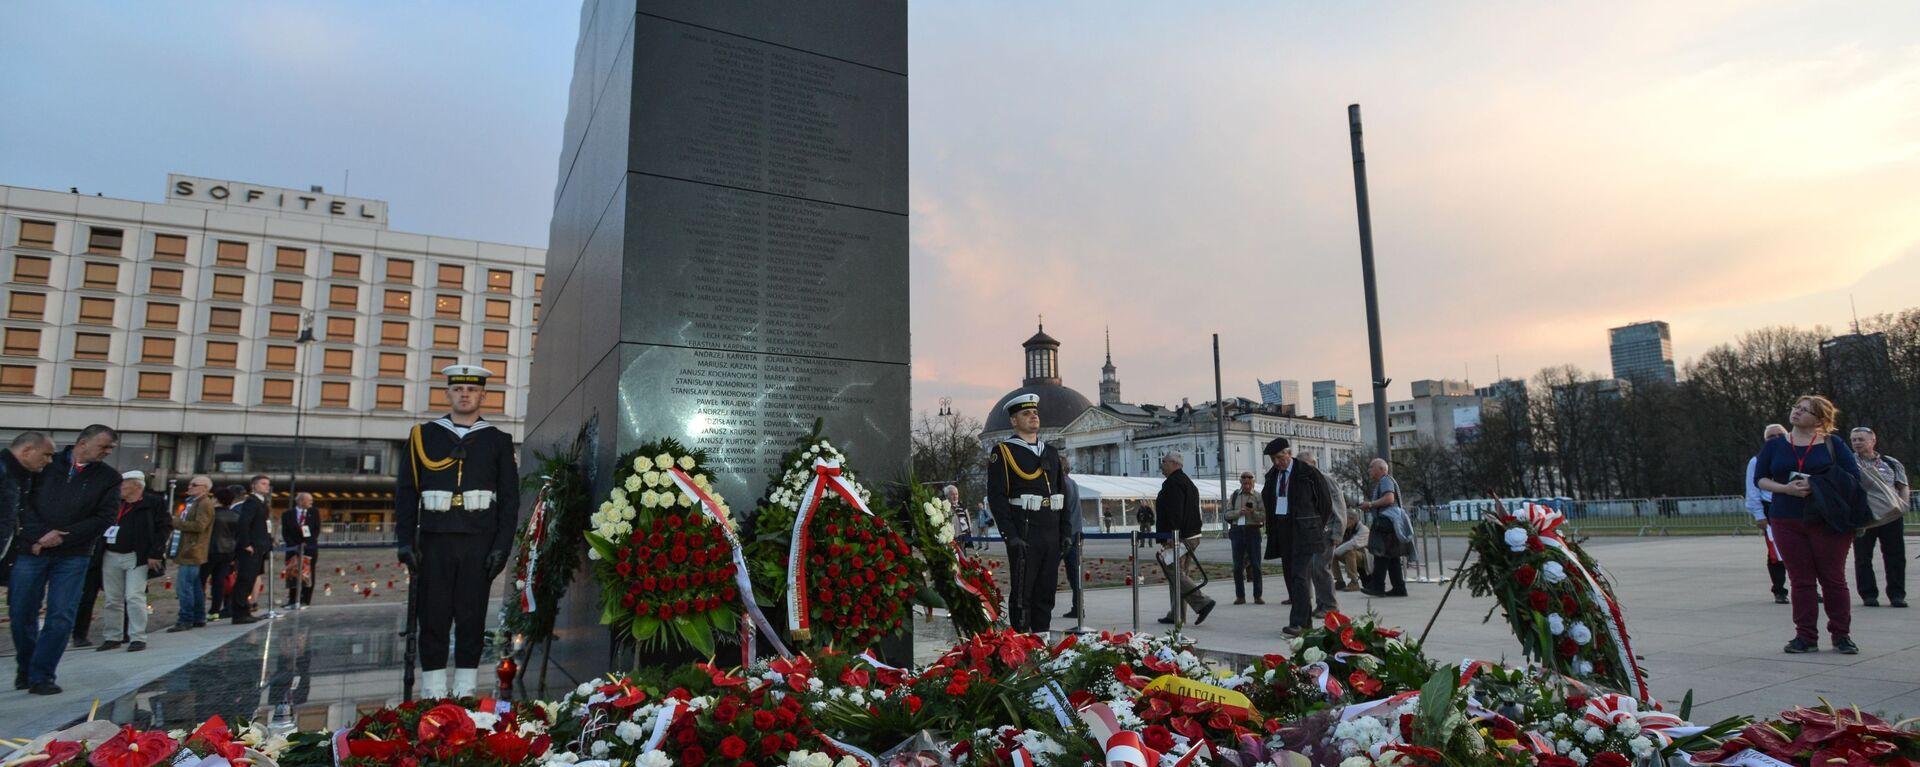 Pomnik ofiar katastrofy smoleńskiej w Warszawie  - Sputnik Polska, 1920, 10.07.2021